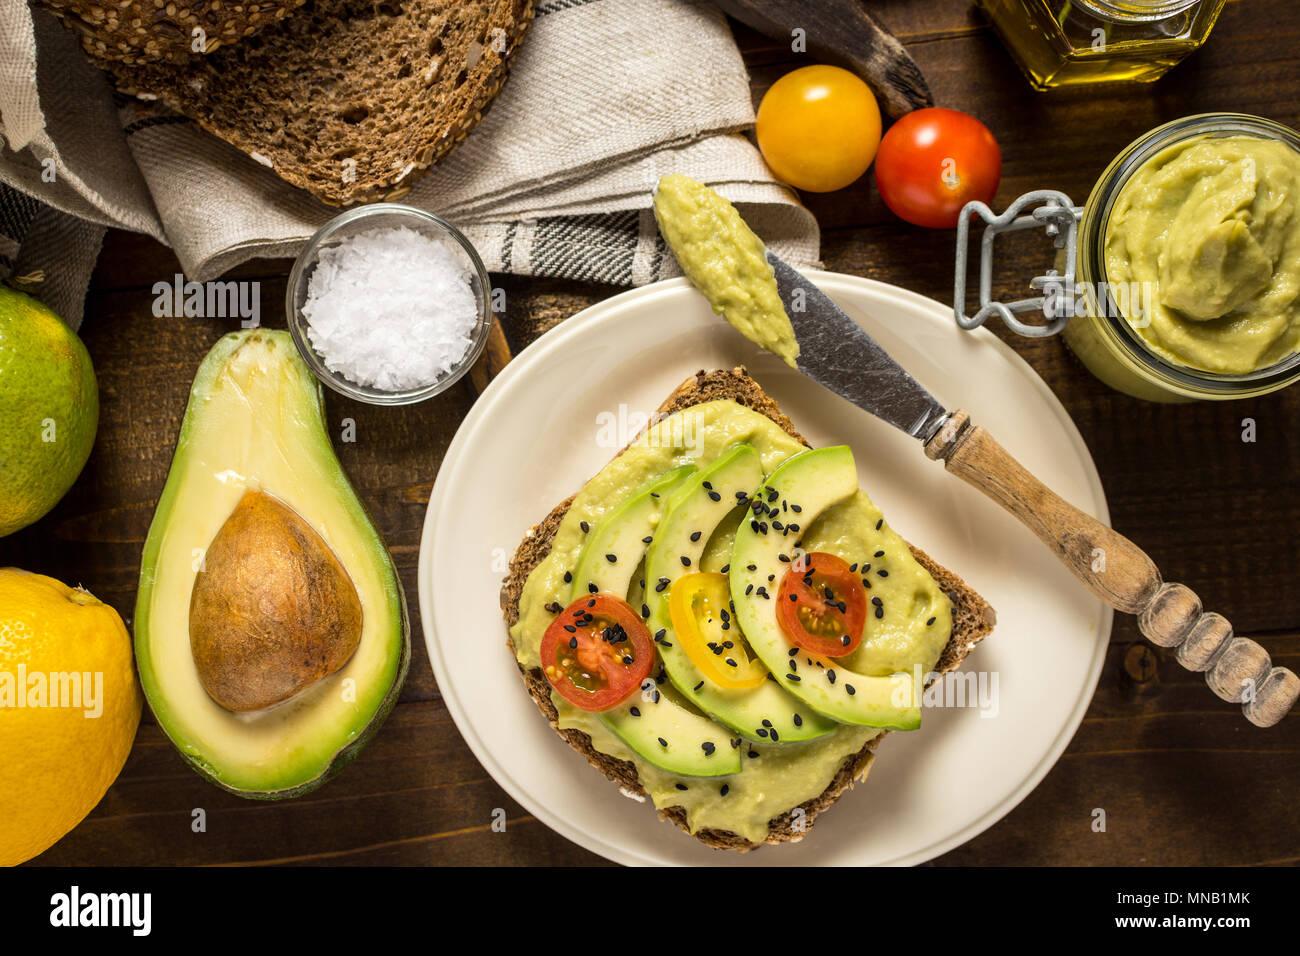 Verbreiten Frischen Avocado Guacamole Und Scheiben Mit Cherry